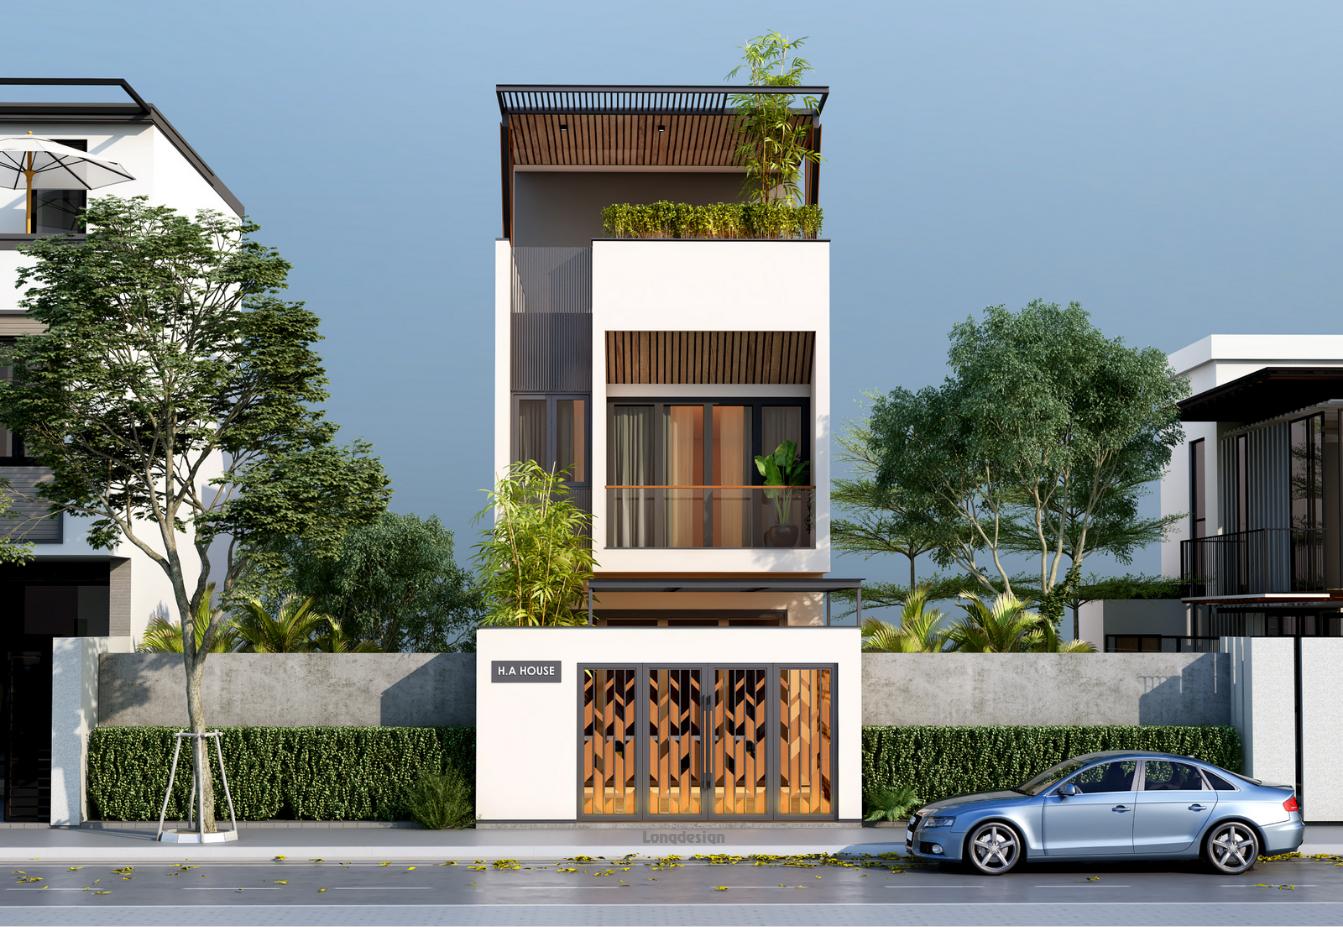 thiết kế nội thất chung cư tại Hồ Chí Minh H.A HOUSE - LONG THI CONG 0932157825 0 1553681170